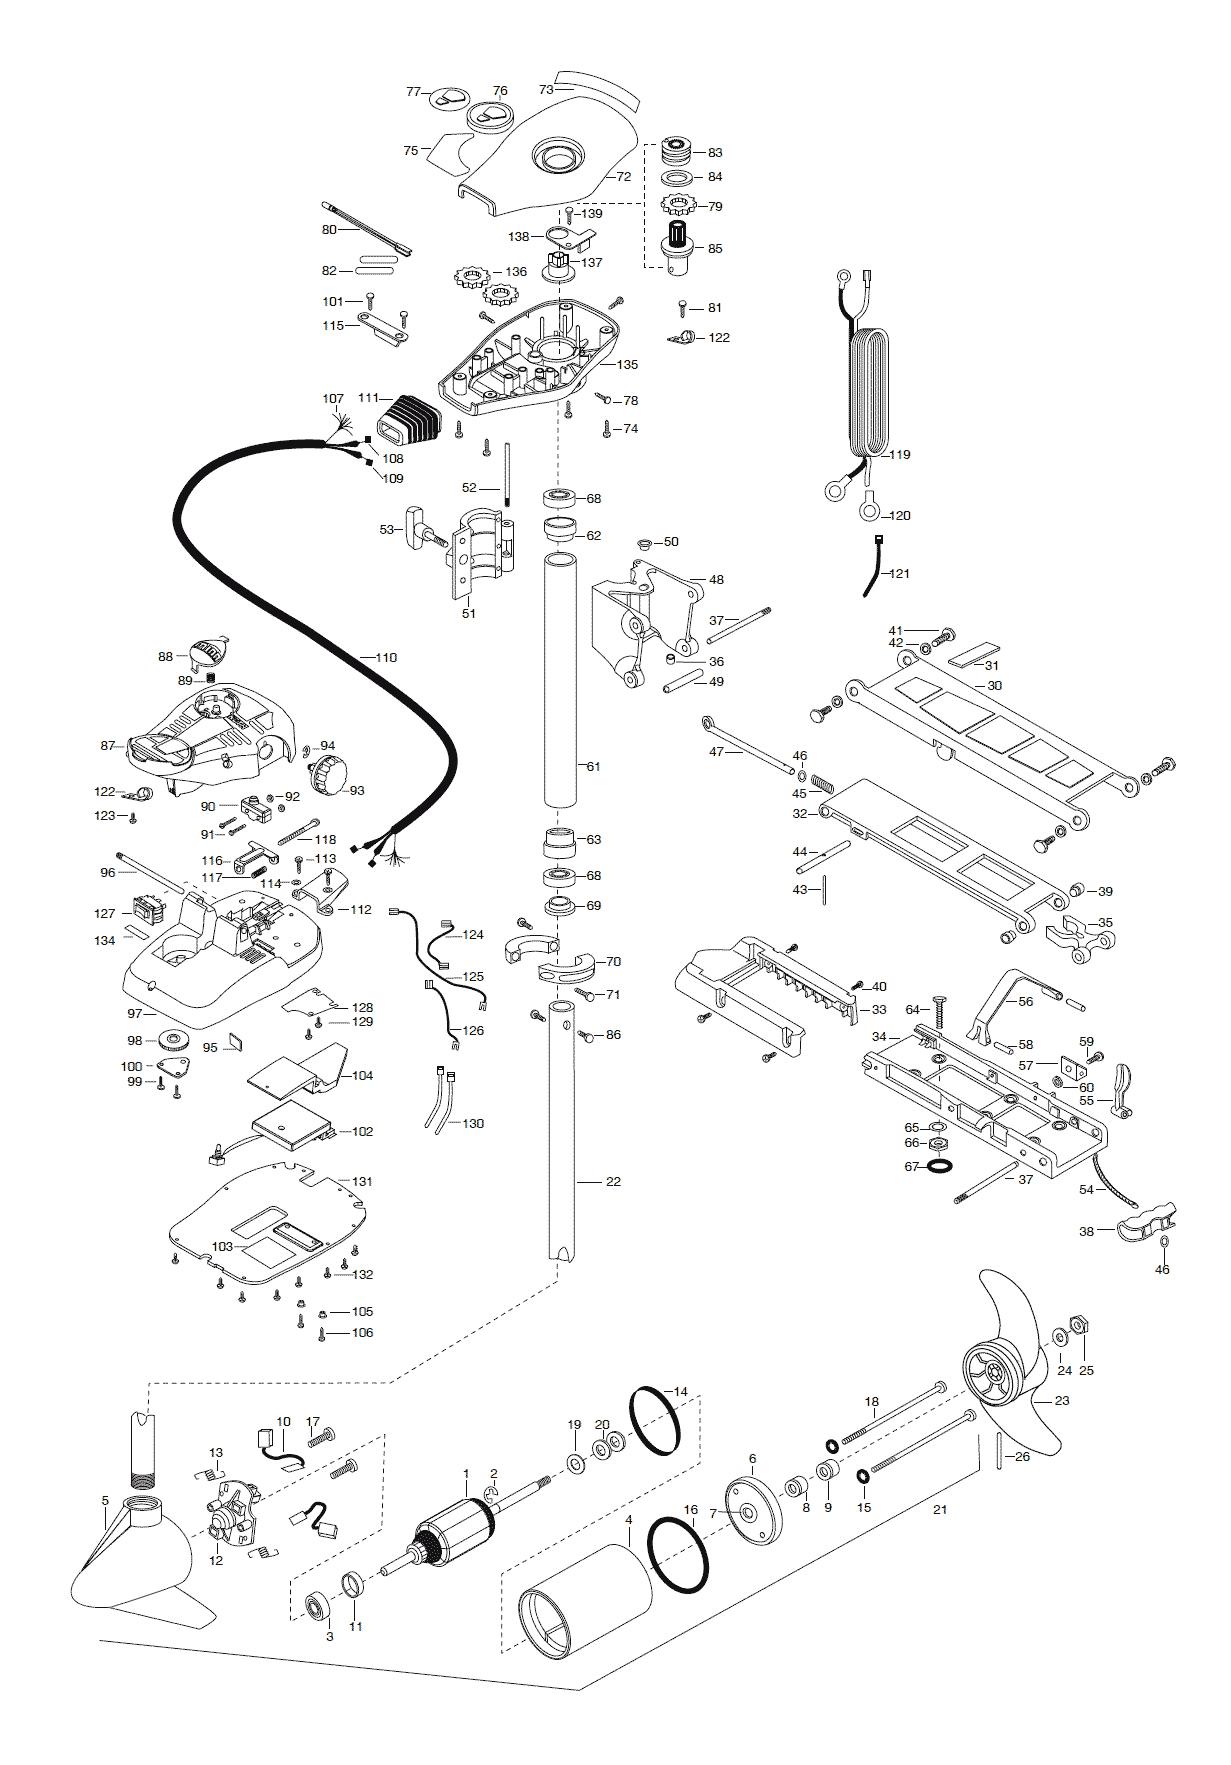 Minn Kota 55 Parts | Wiring Diagram Database